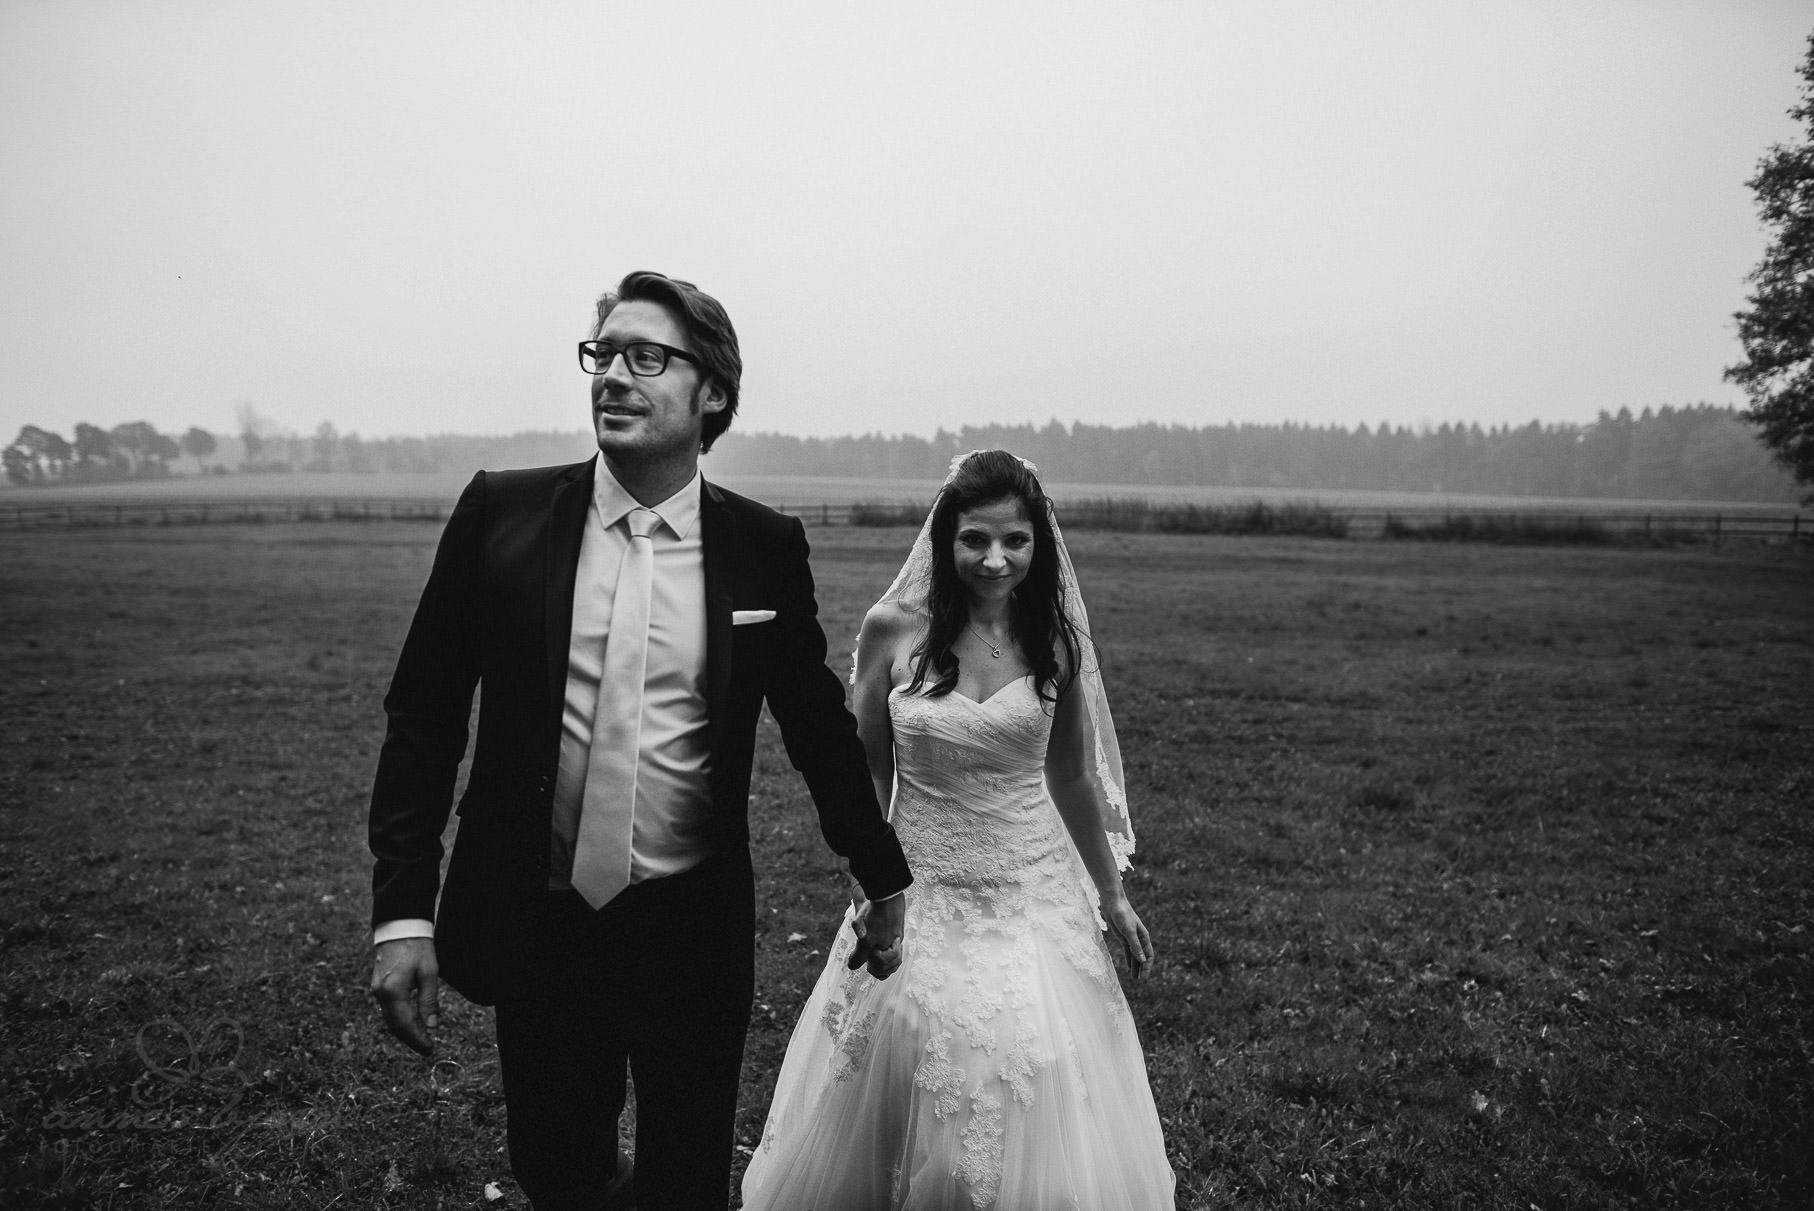 0103 aub 812 9976 - Hochzeit auf Gut Thansen - Anja & Björn